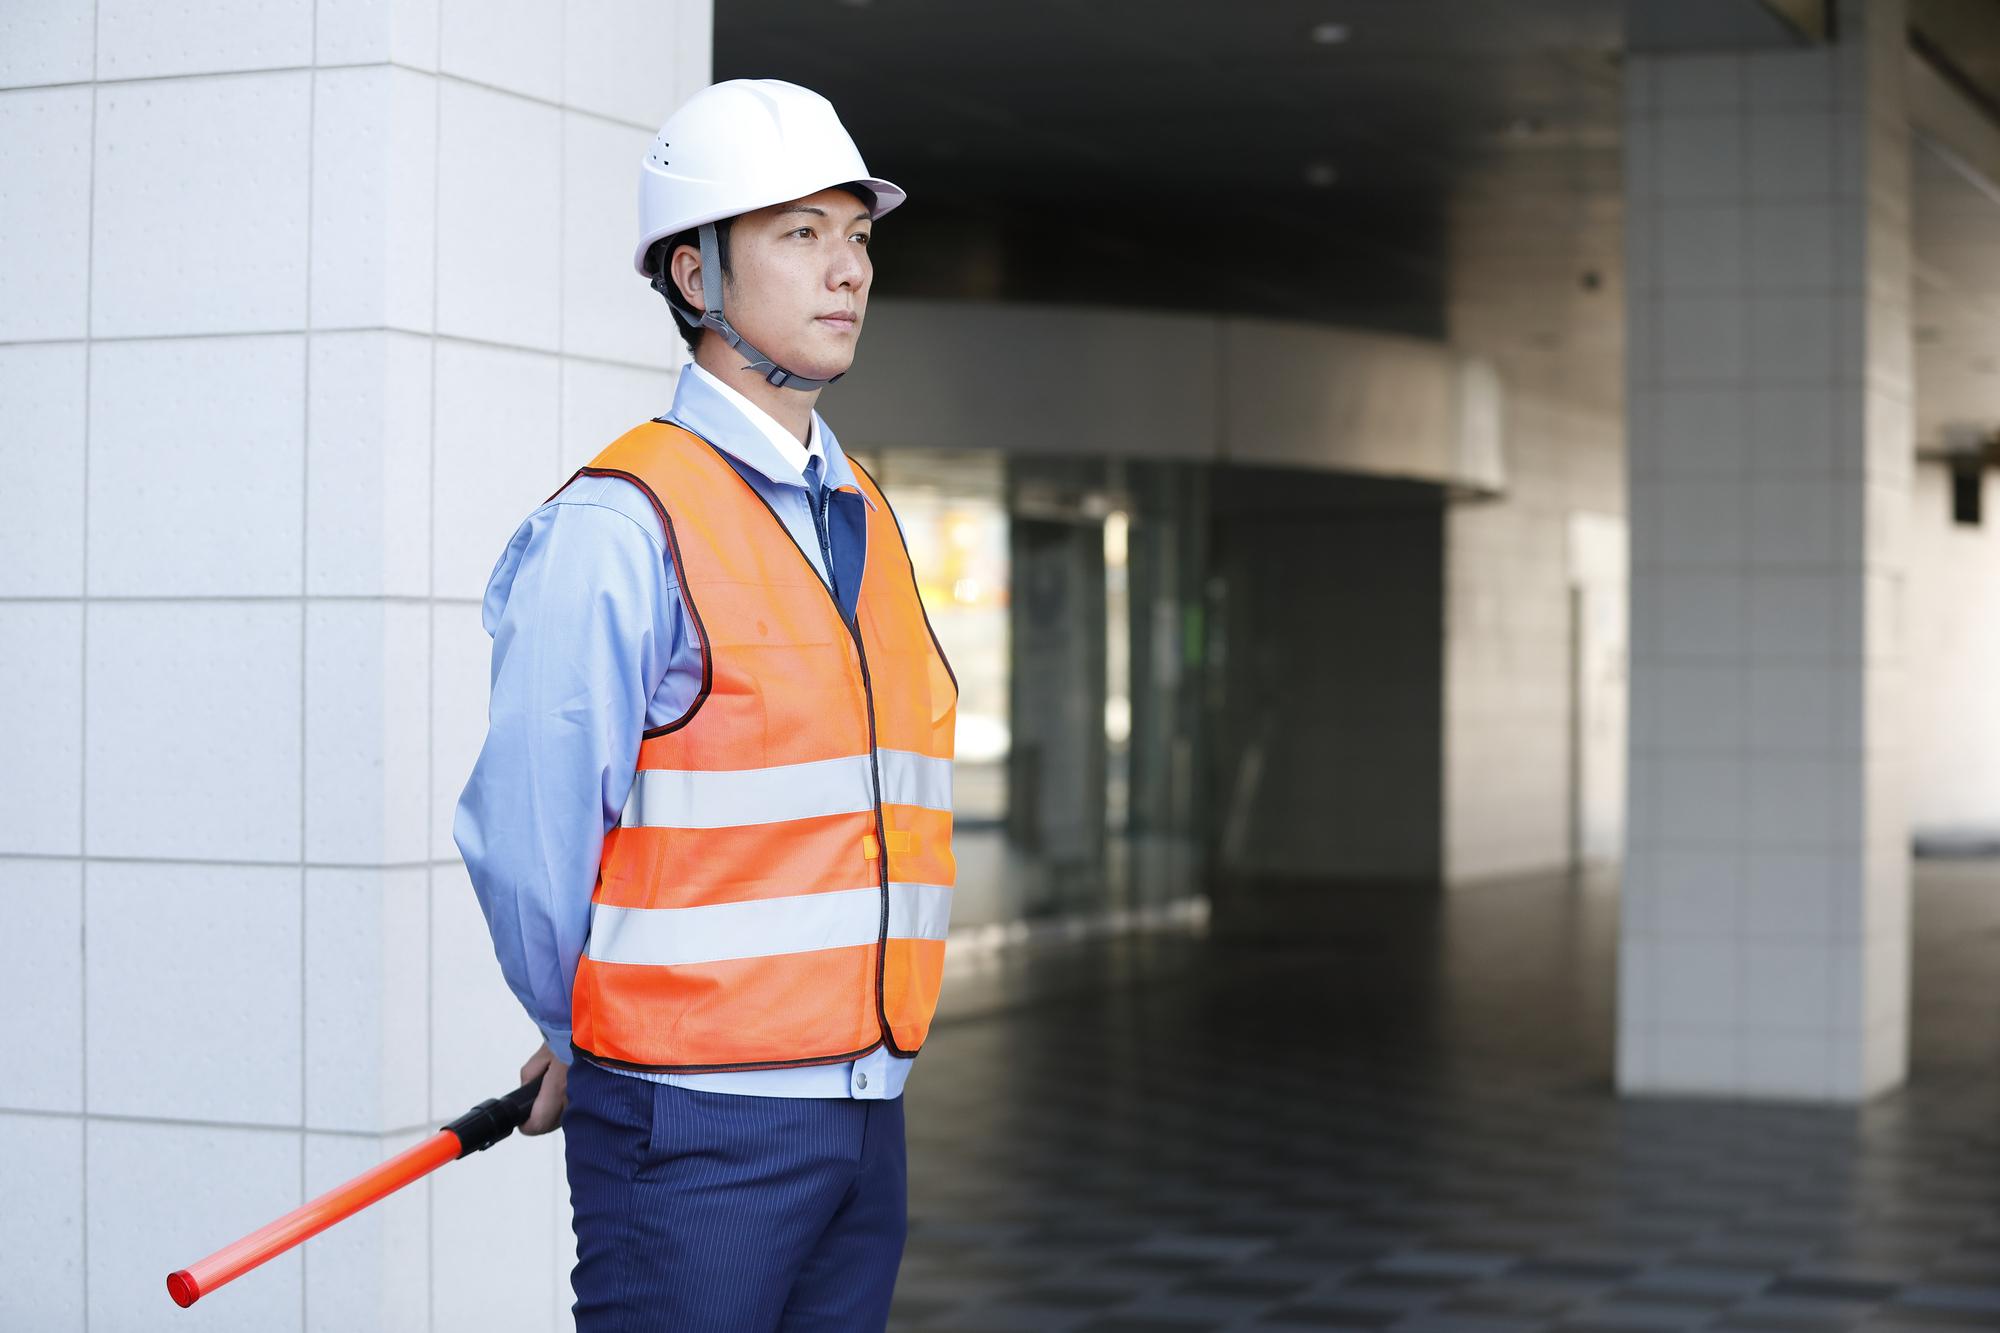 【神奈川】警備会社3選!警備員・バイトで働きたい方におすすめ!